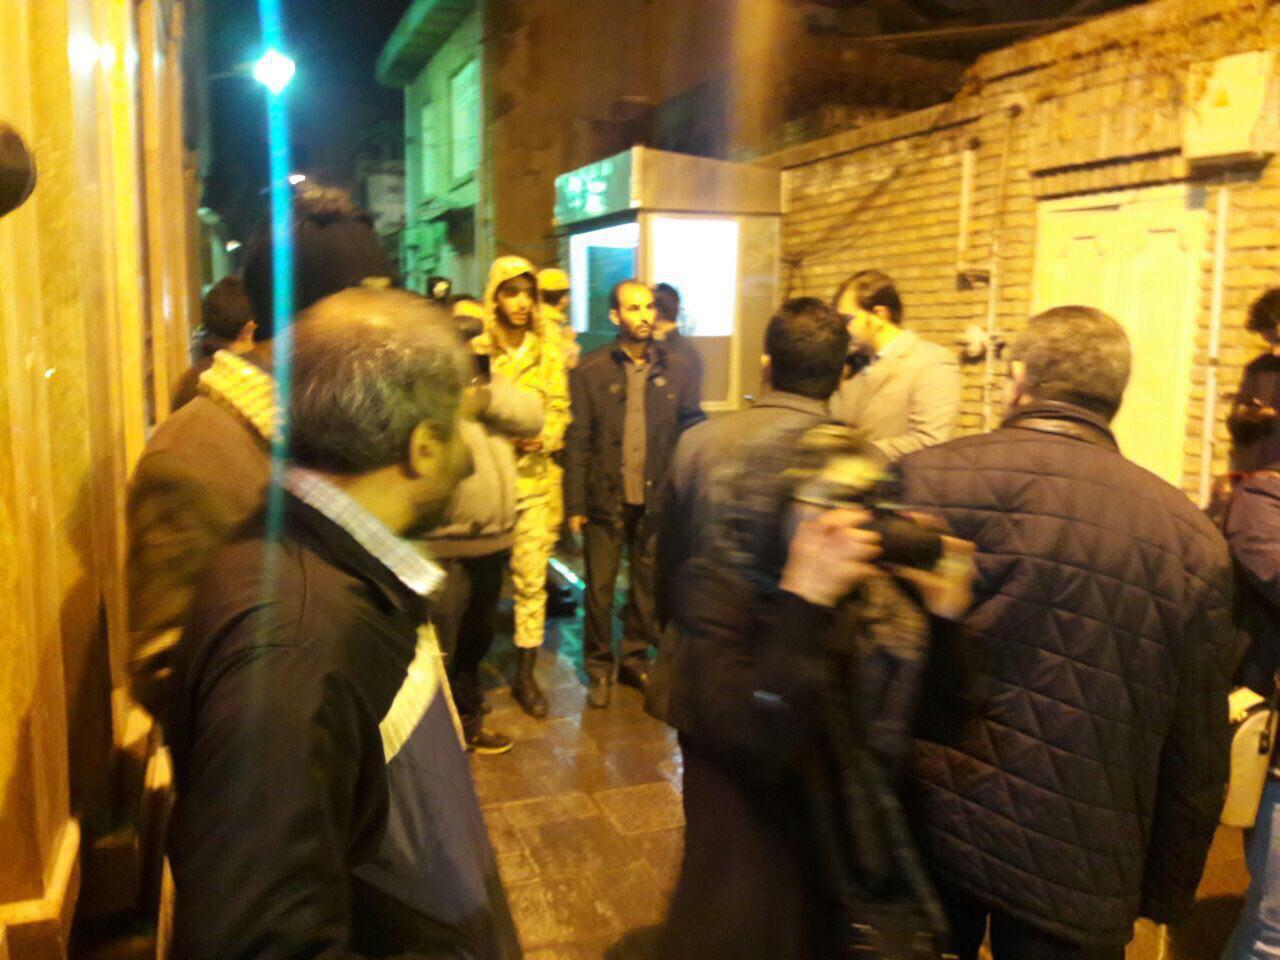 عکس/هم اکنون ، مقابل منزل آیت الله  هاشمی رفسنجانی  در جماران . نیروهای امنیتی اطراف خانه هستند و اجازه نزدیک شدن به خانه را نمی دهند